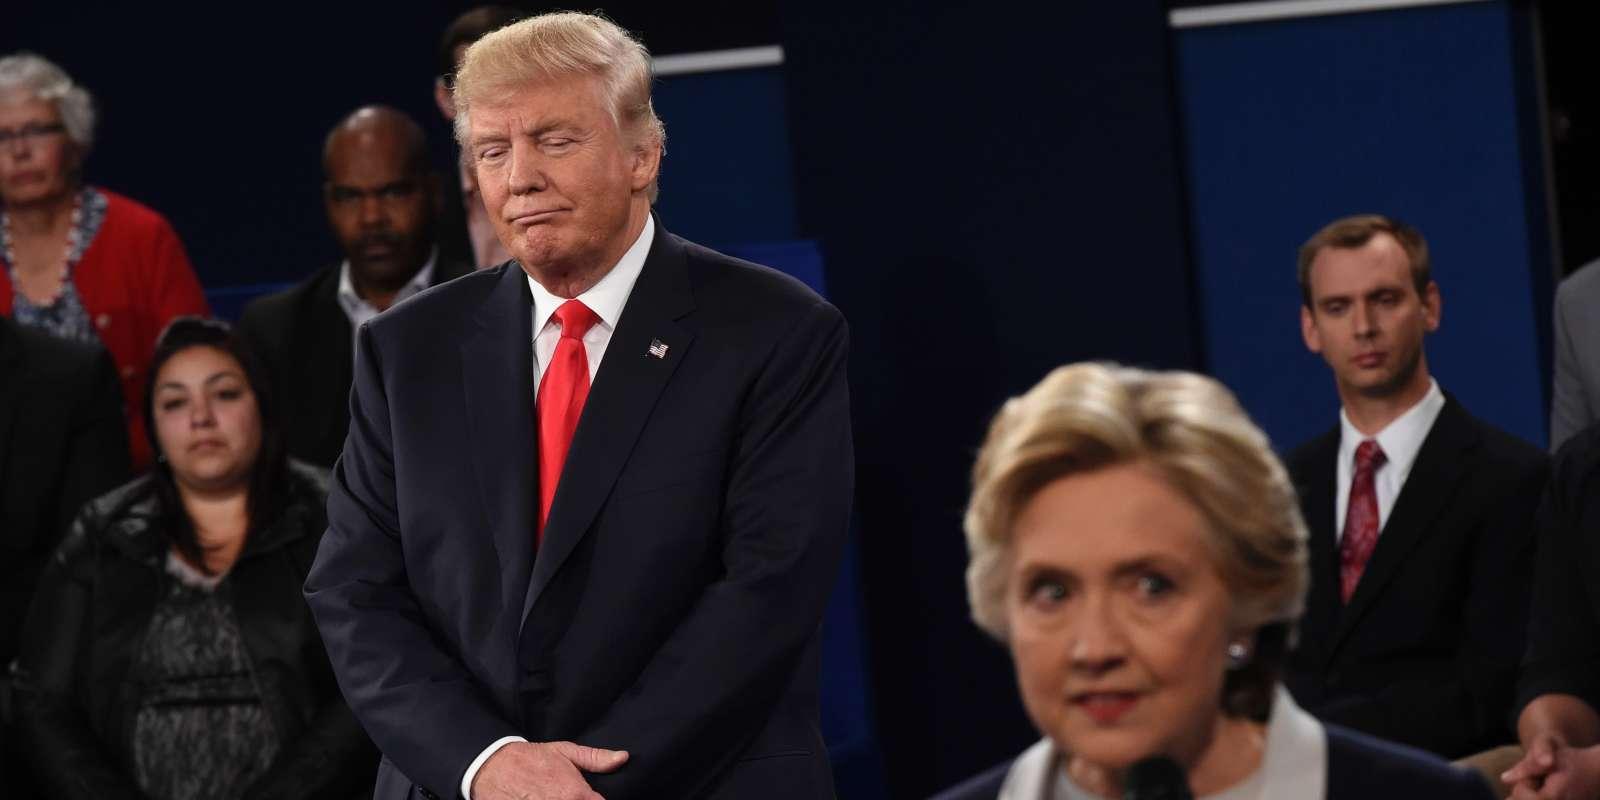 Donald Trump et Hillary Clinton (lors du second débat présidentiel à Saint Louis (Missouri) le 9 octobre.